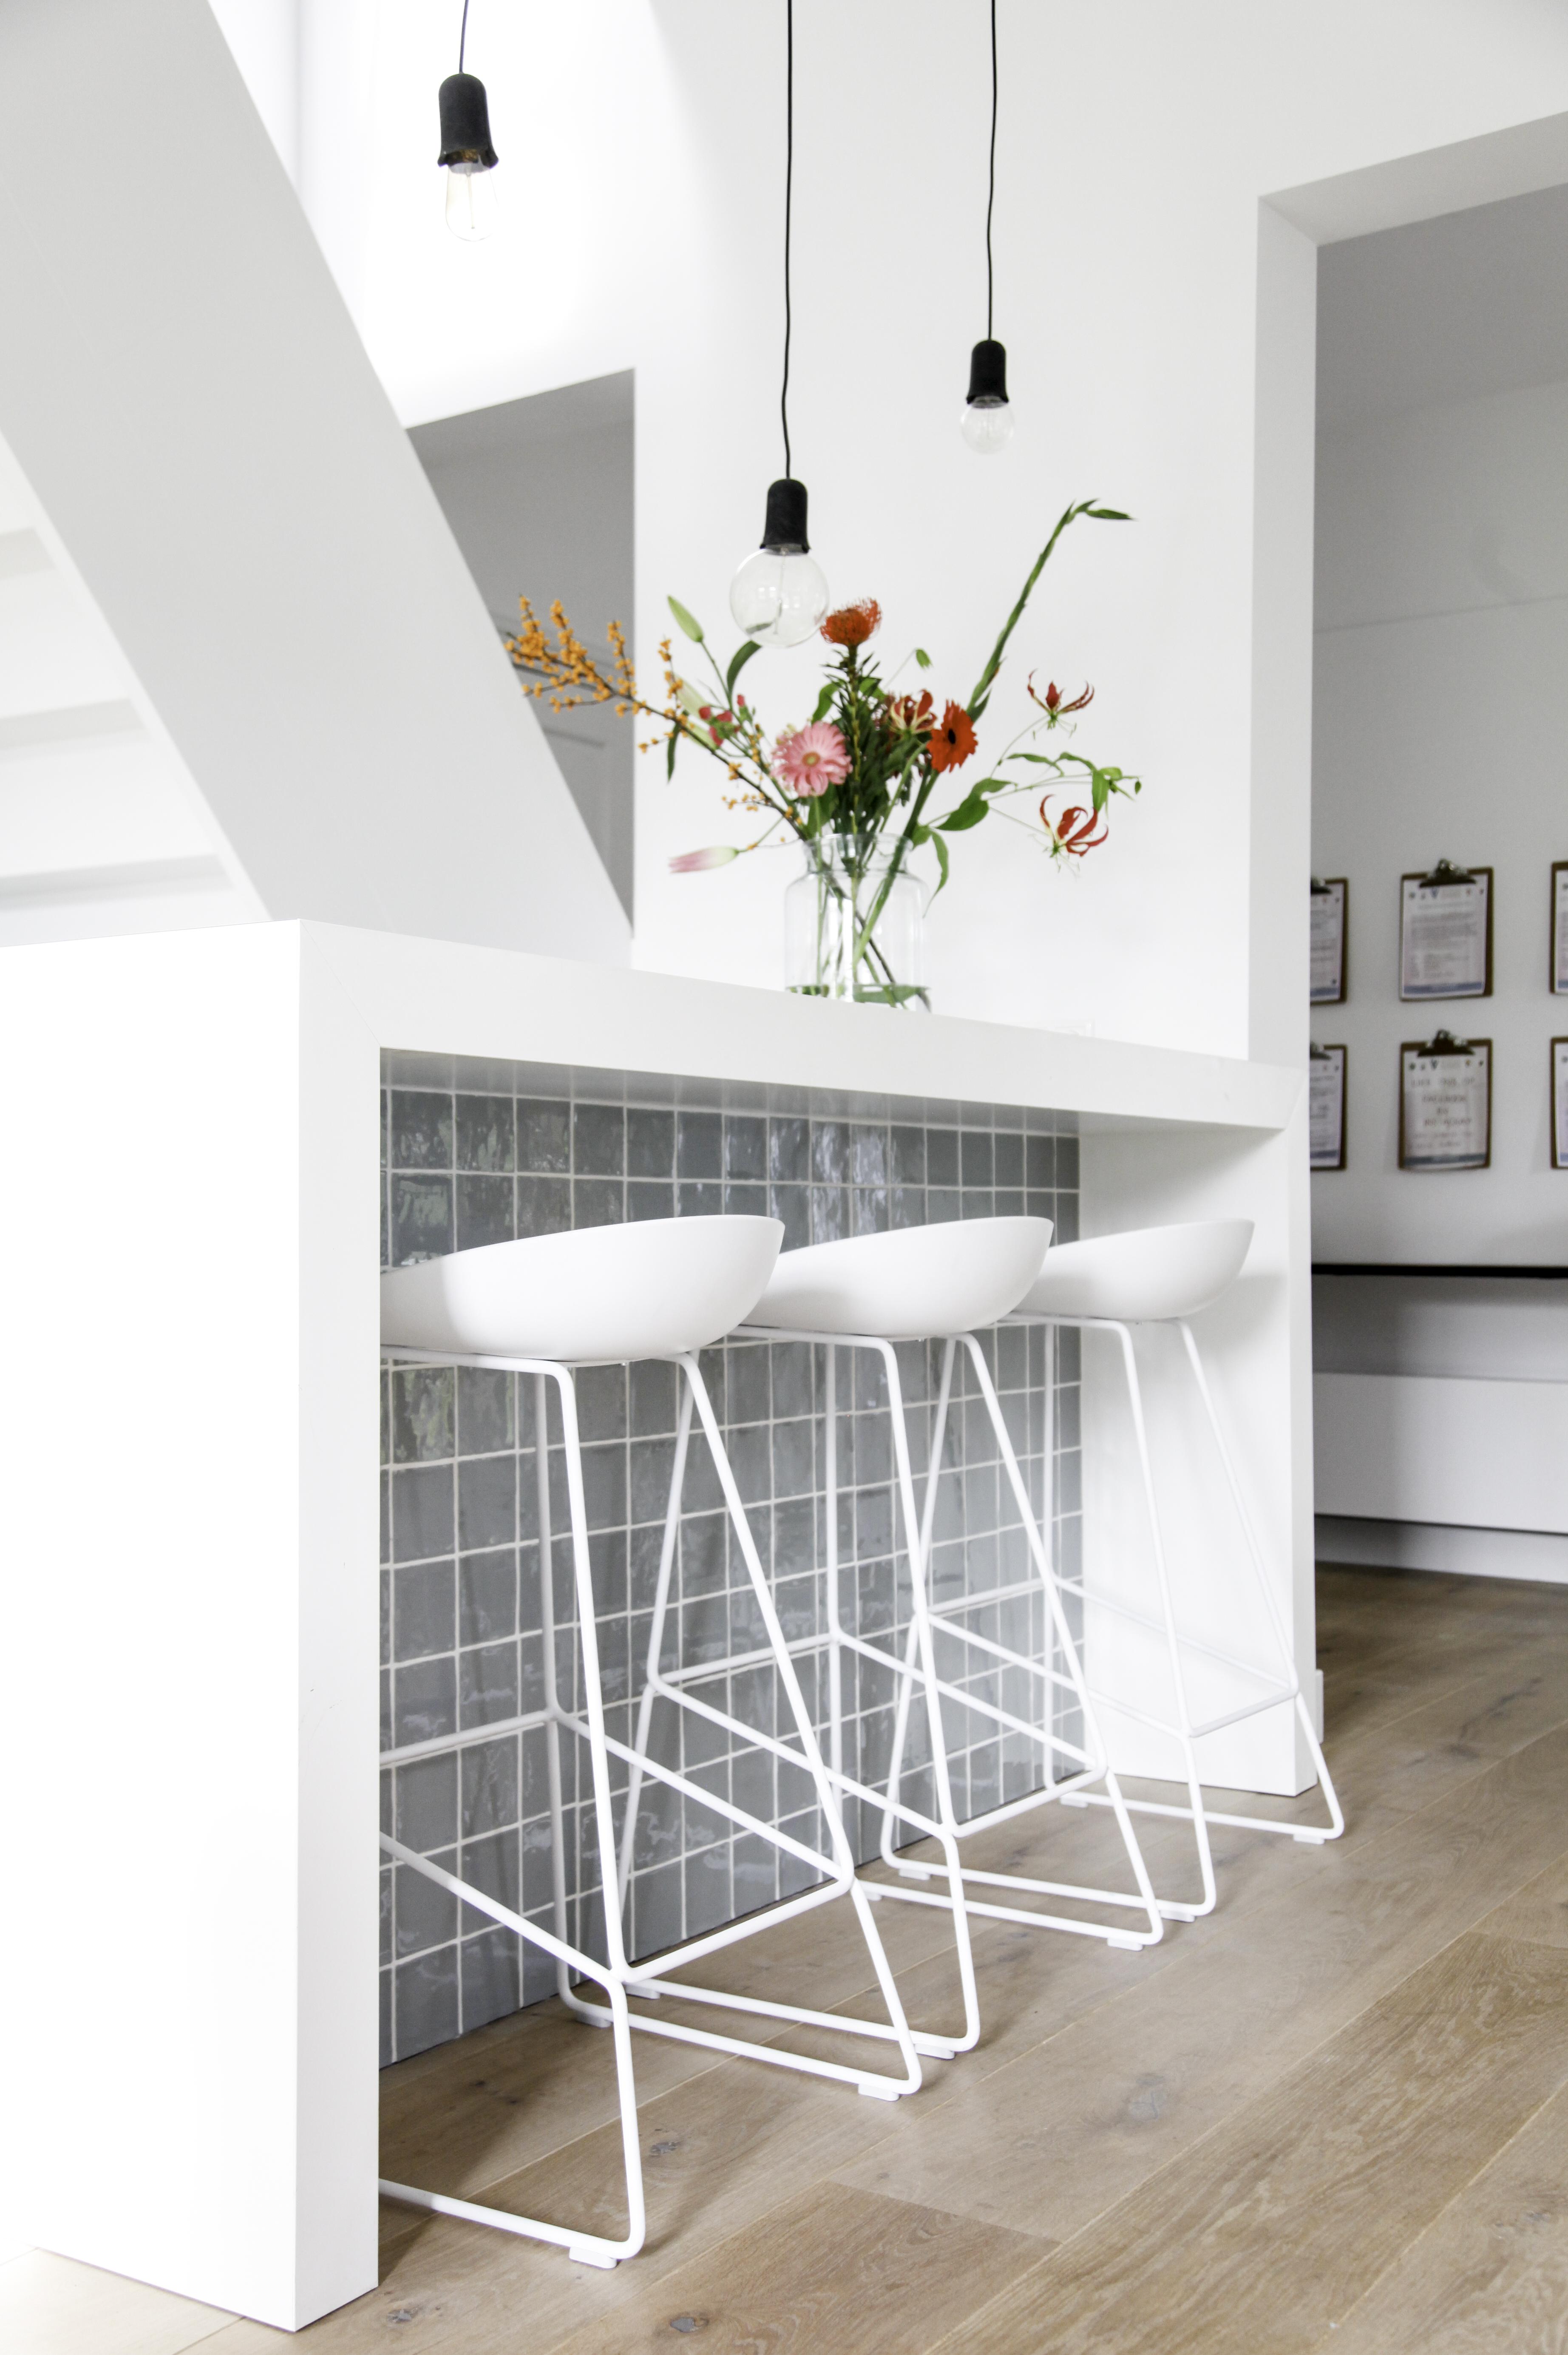 <p>Uitgekiende muursparingen bieden zicht op de entree en trap vanaf receptiebar (beeld: Caroline Kist)</p>